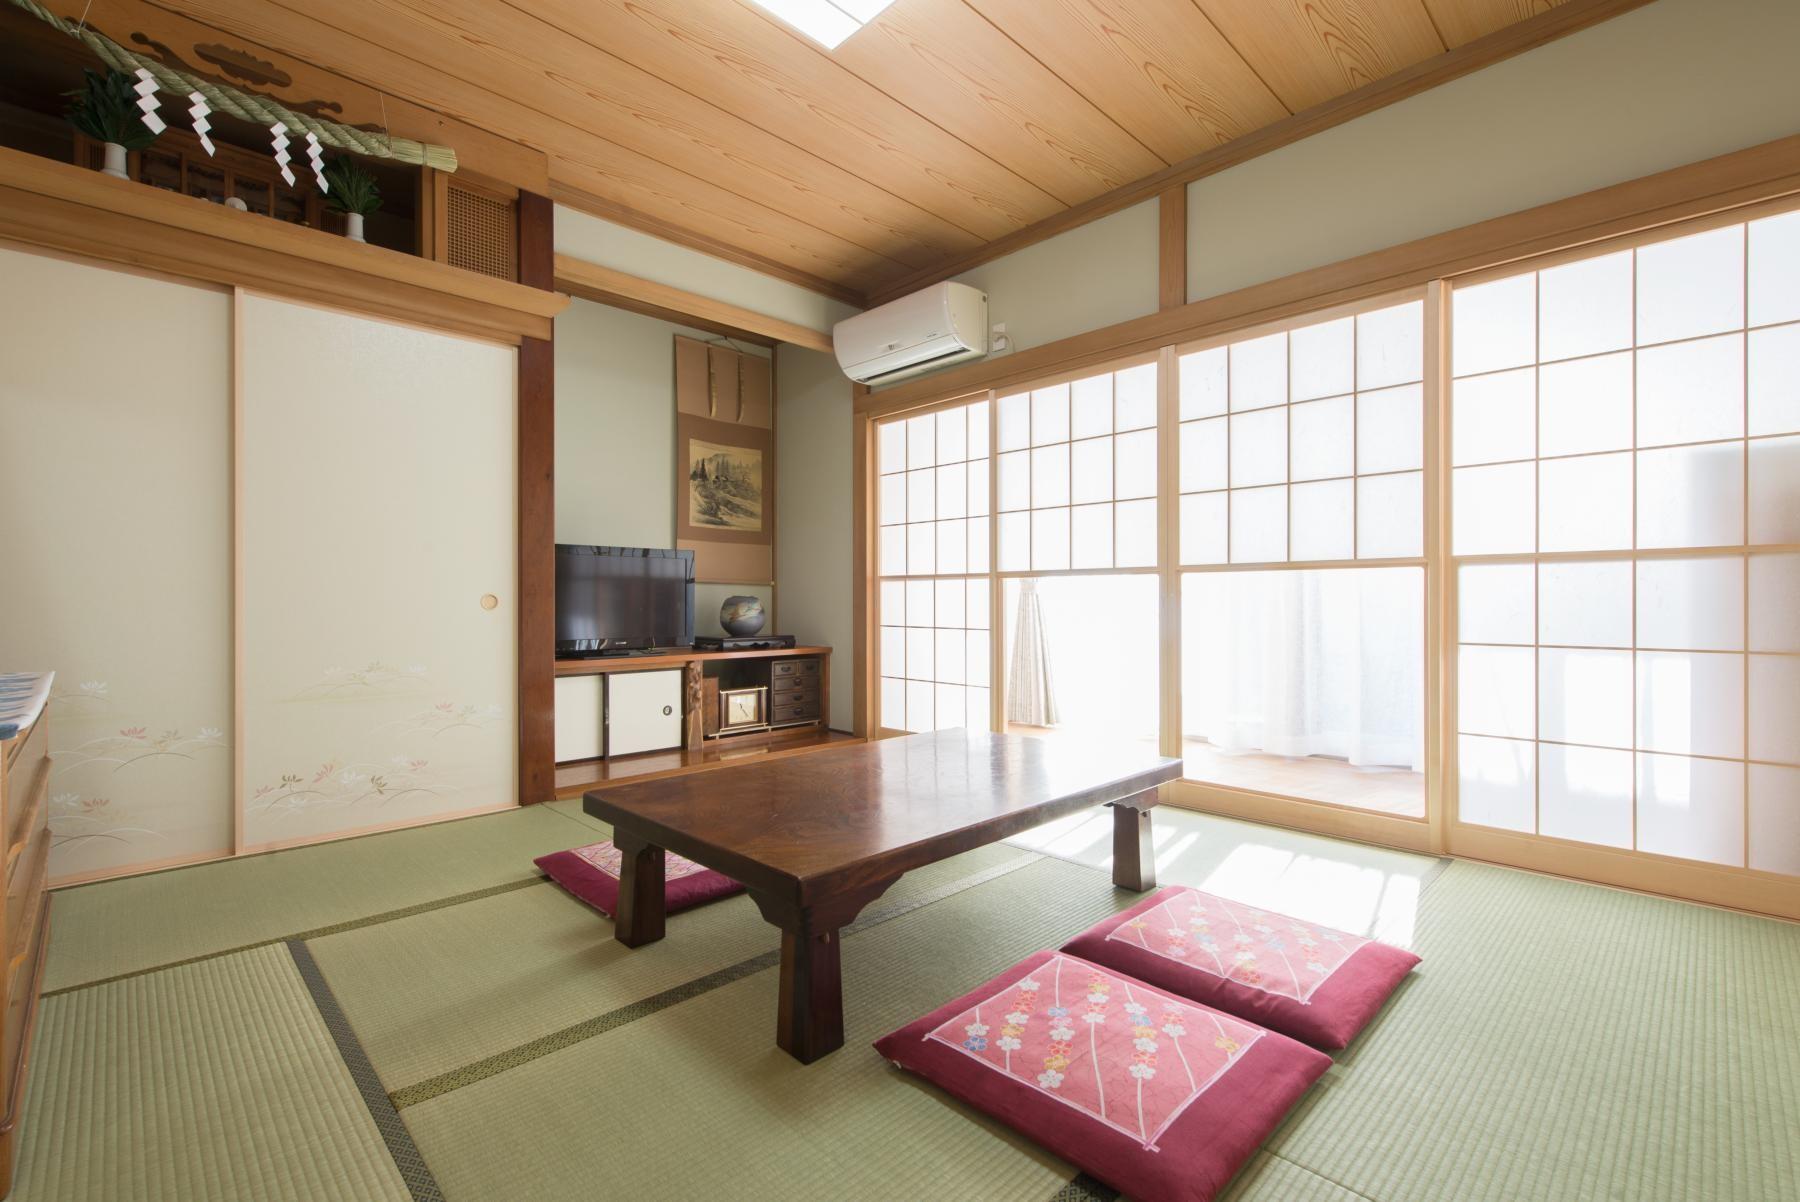 その他事例:和室(落ち着いた和モダンに二世帯が心地よく暮らす、戸建て全面改装)